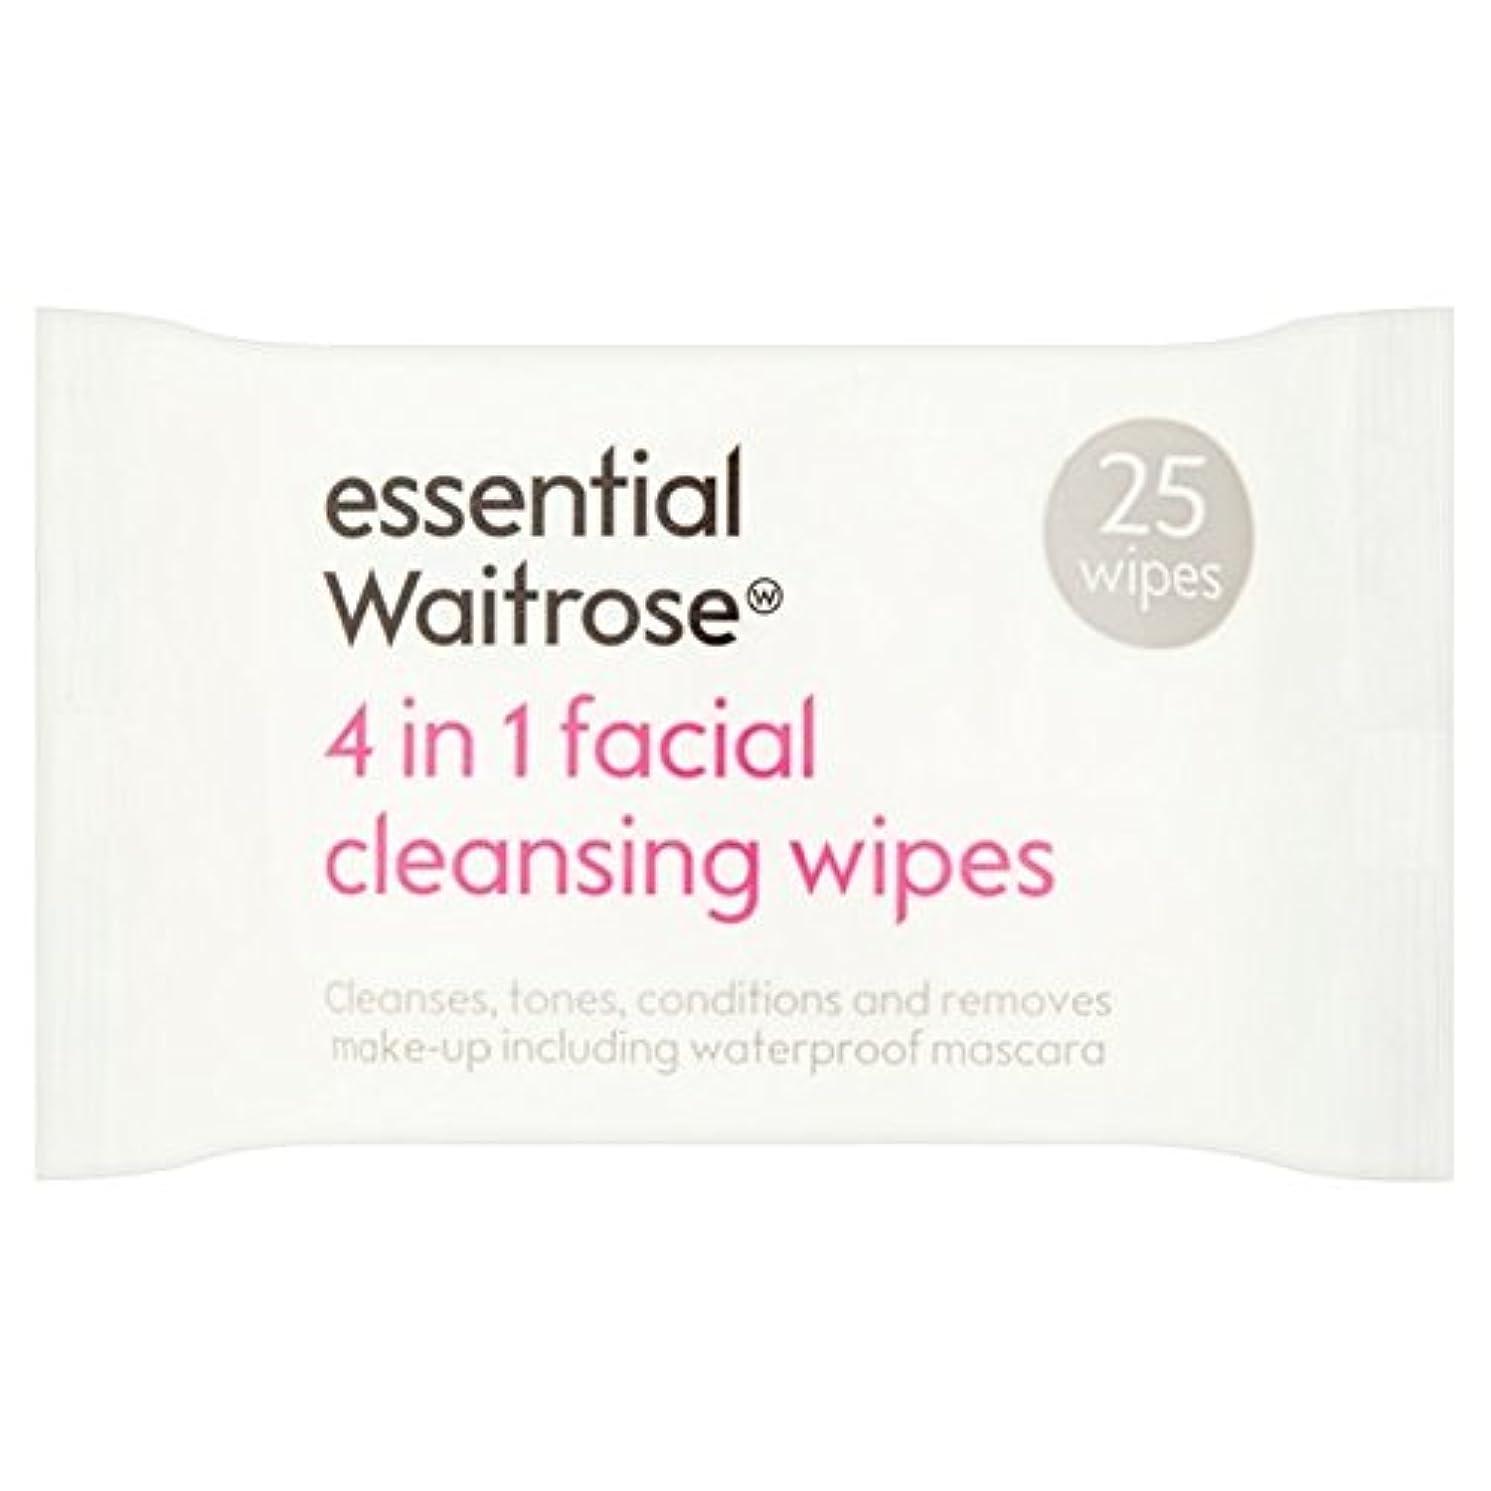 予言する北米効能3 1での顔のワイプパックあたり不可欠ウェイトローズ25 x4-3 in 1 Facial Wipes essential Waitrose 25 per pack (Pack of 4) [並行輸入品]